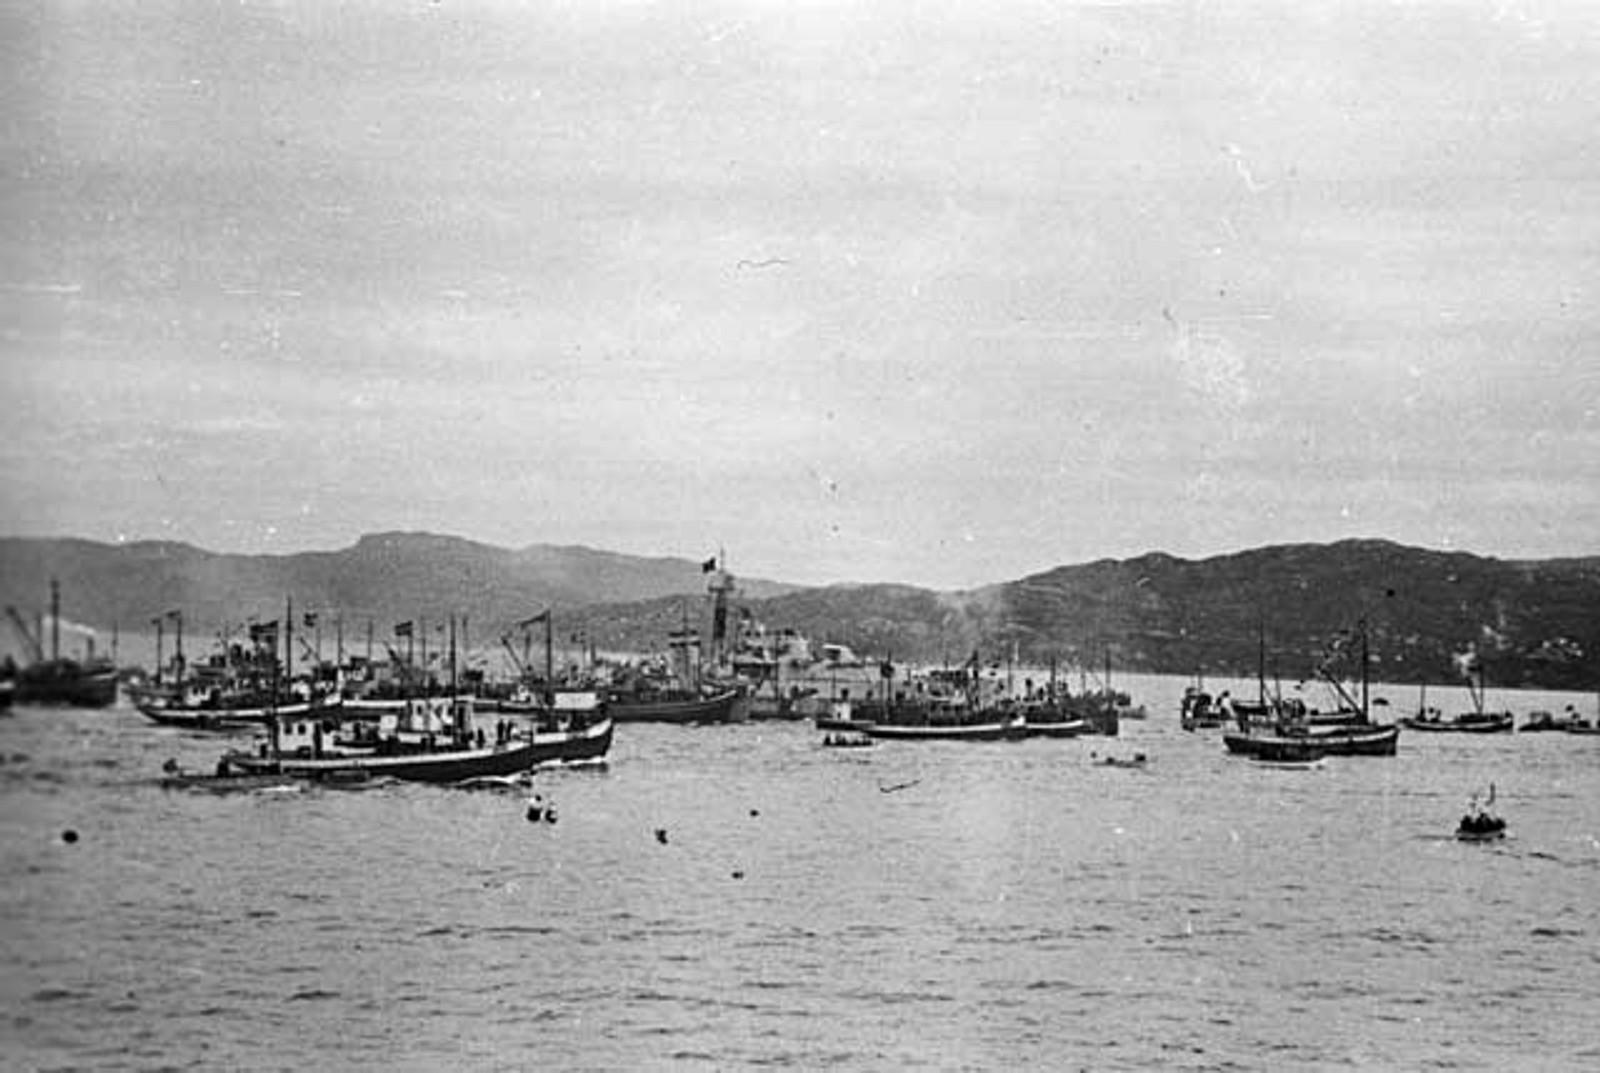 """MOTTAKELSE PÅ BYFJORDEN: Jageren """"Stord"""" blir mottatt på Byfjorden av et stort antall lokale båter."""